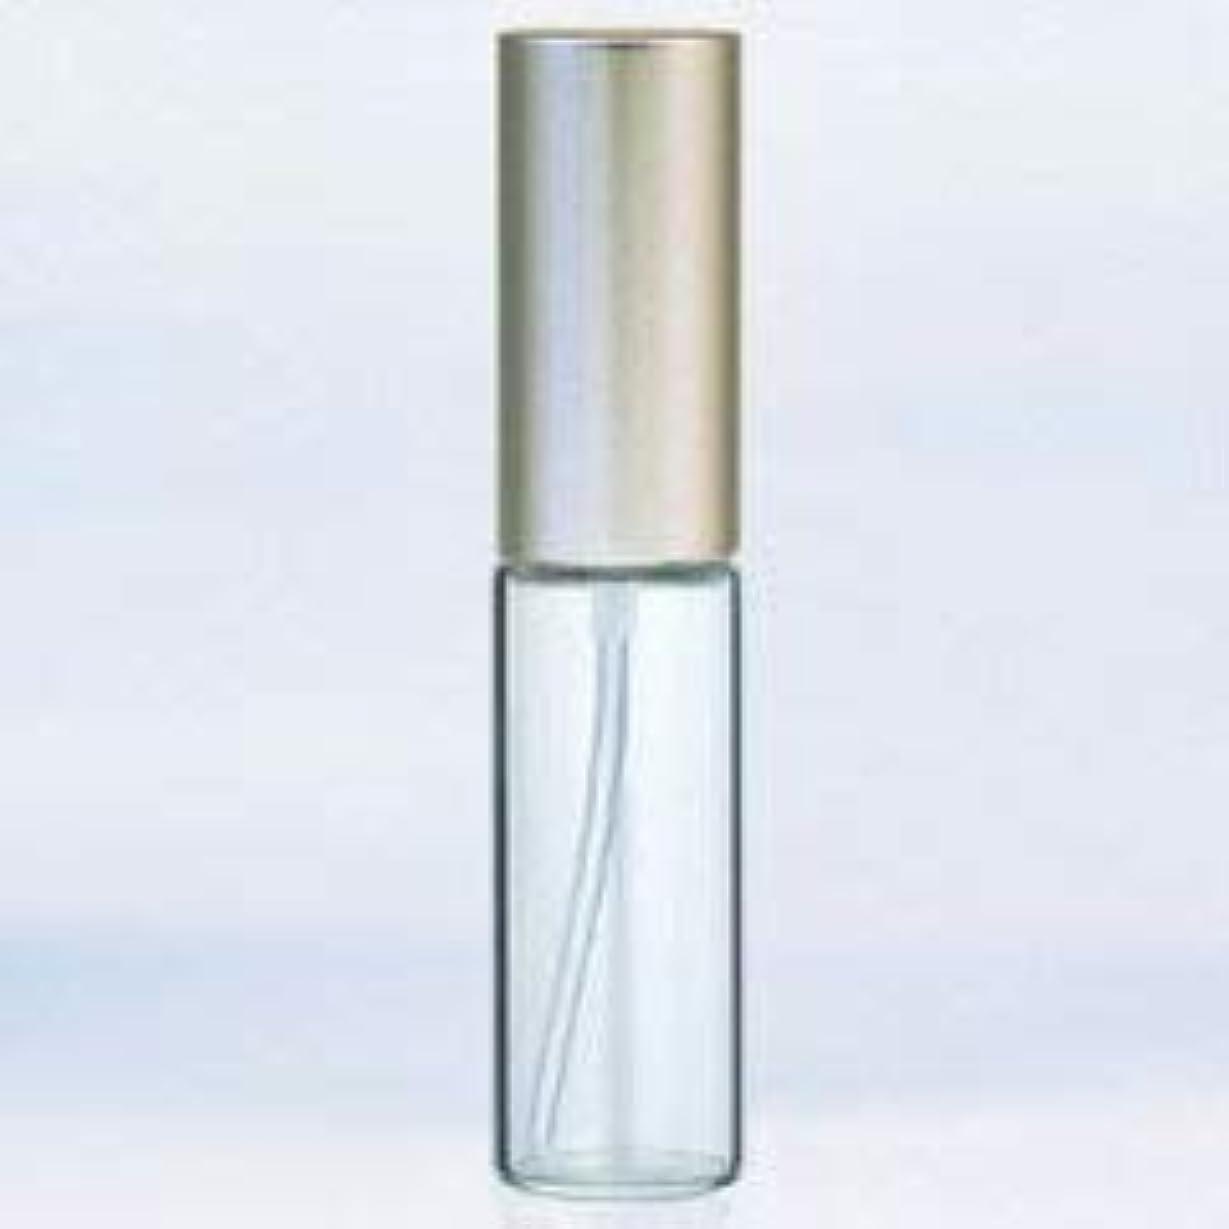 タップかまど極めて【ヤマダアトマイザー】グラスアトマイザー プラスチックポンプ 無地 アルミキャップ シルバーつや消し 10ml 6204